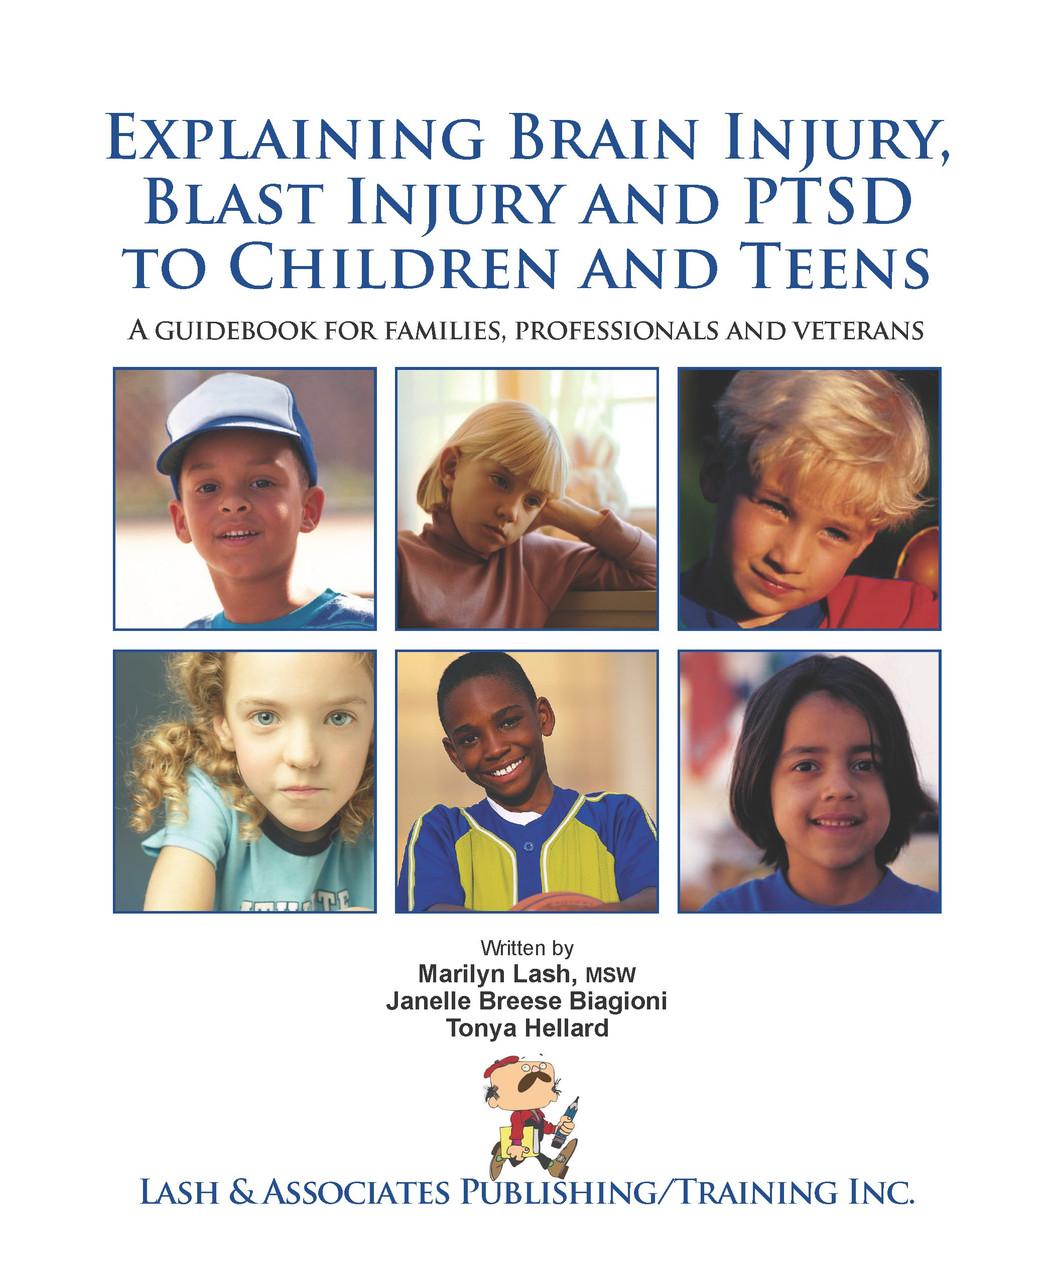 Explaining Brain Injury, Blast Injury and PTSD to Children and Teens - eBook